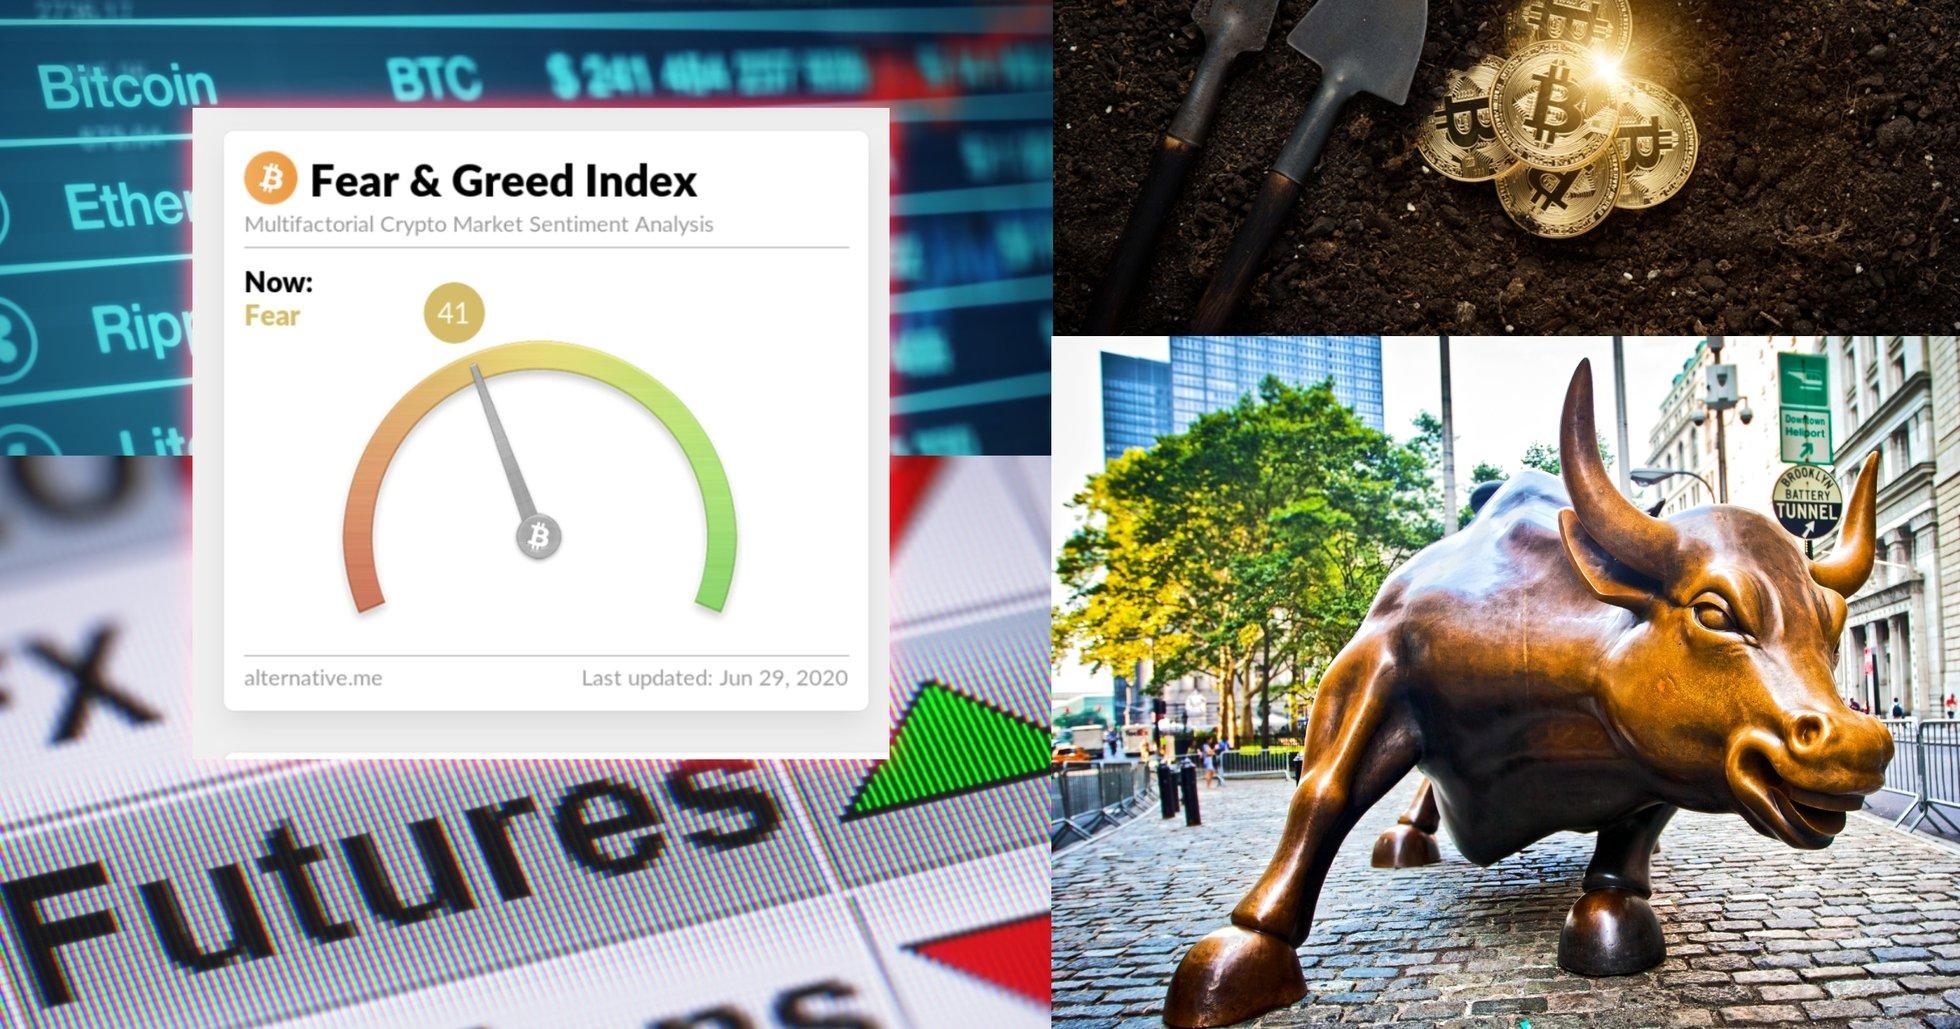 Fem saker som kan komma att påverka bitcoinpriset den här veckan